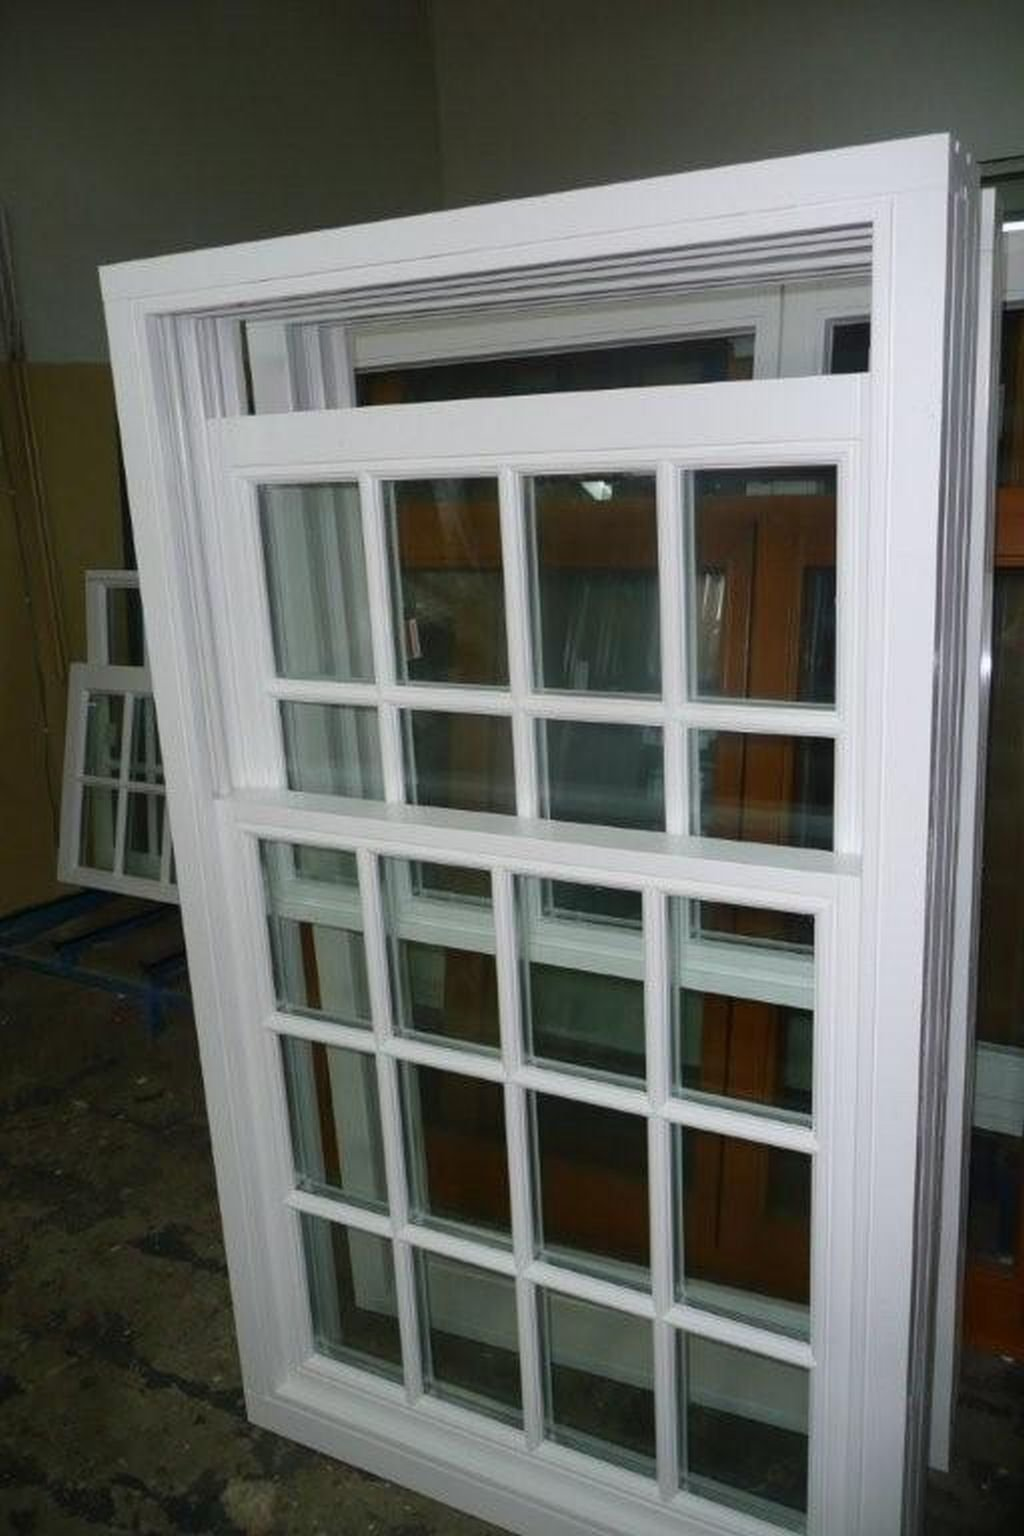 Finestre a ghigliottina vetrino id prodotto 111867106 - Finestre a ghigliottina ...